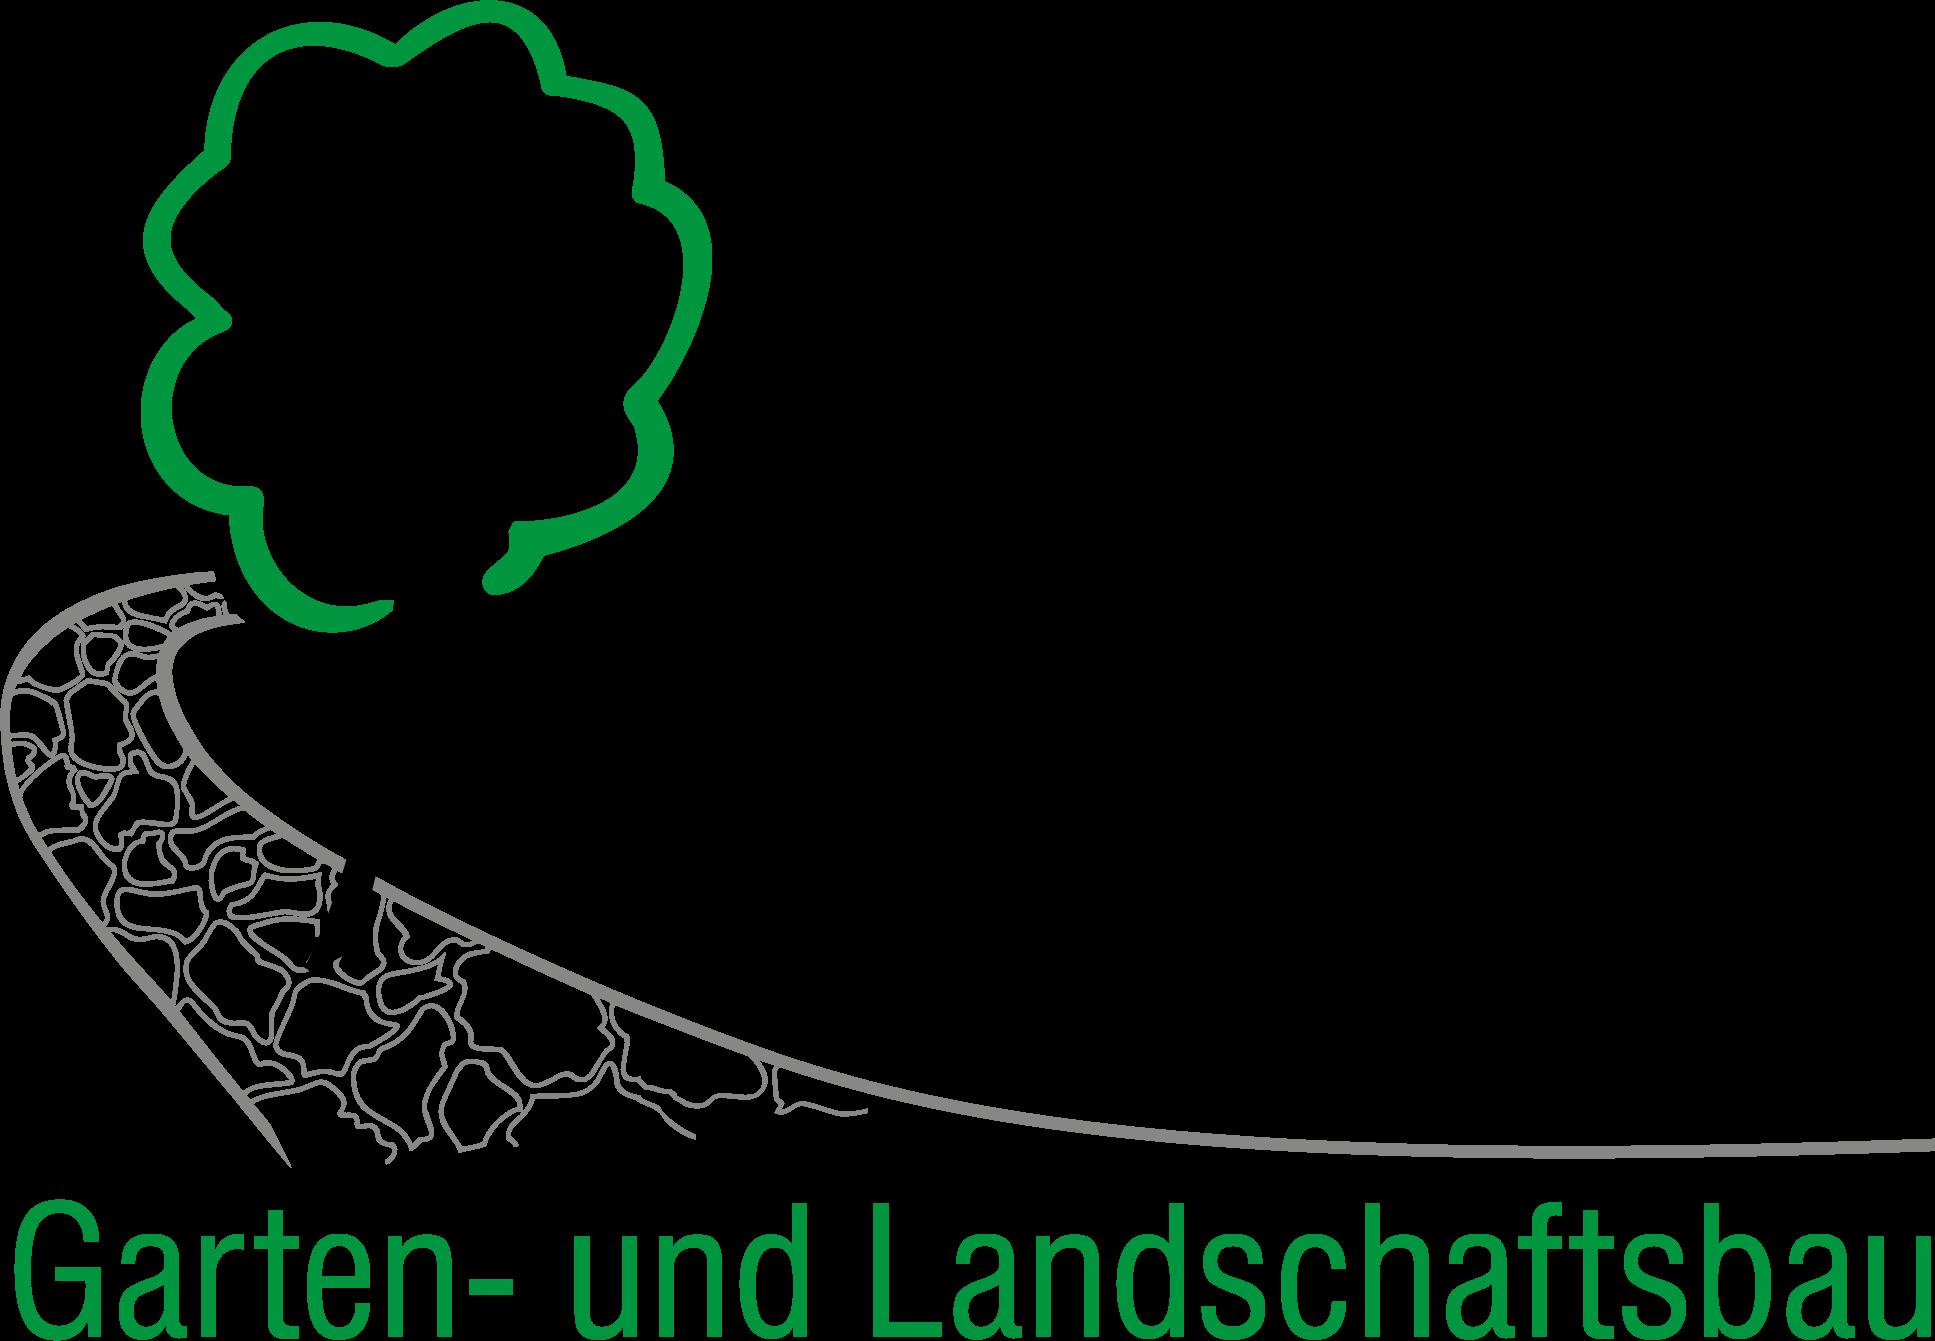 Garten- und Landschaftsbau Hoffmann